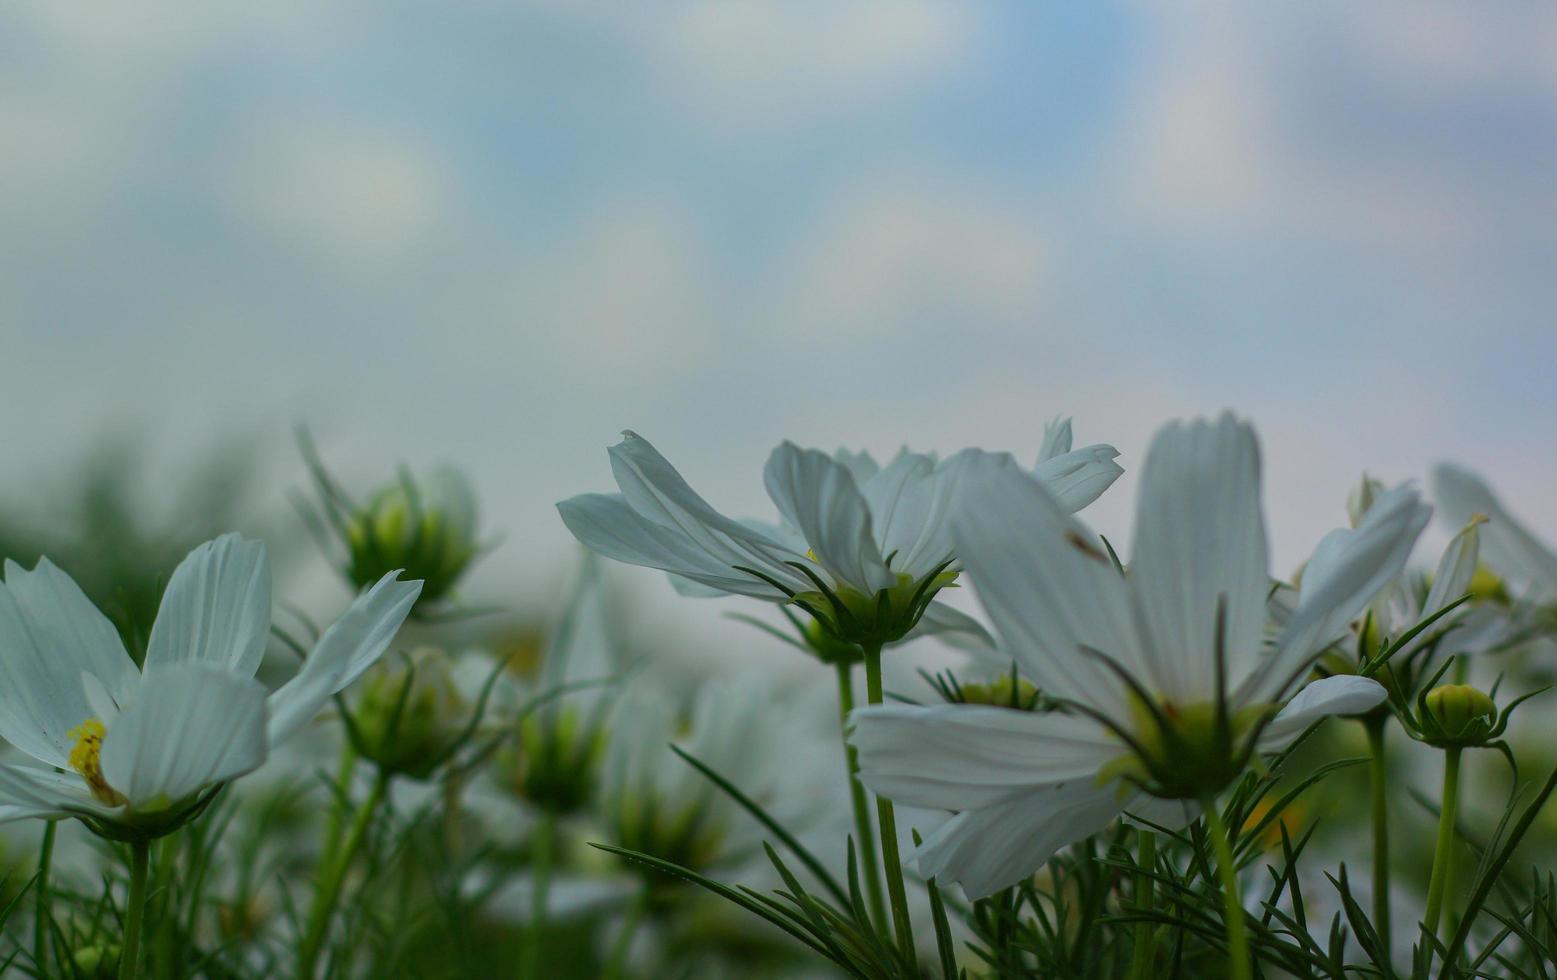 fioritura bianca del fiore dell'universo foto